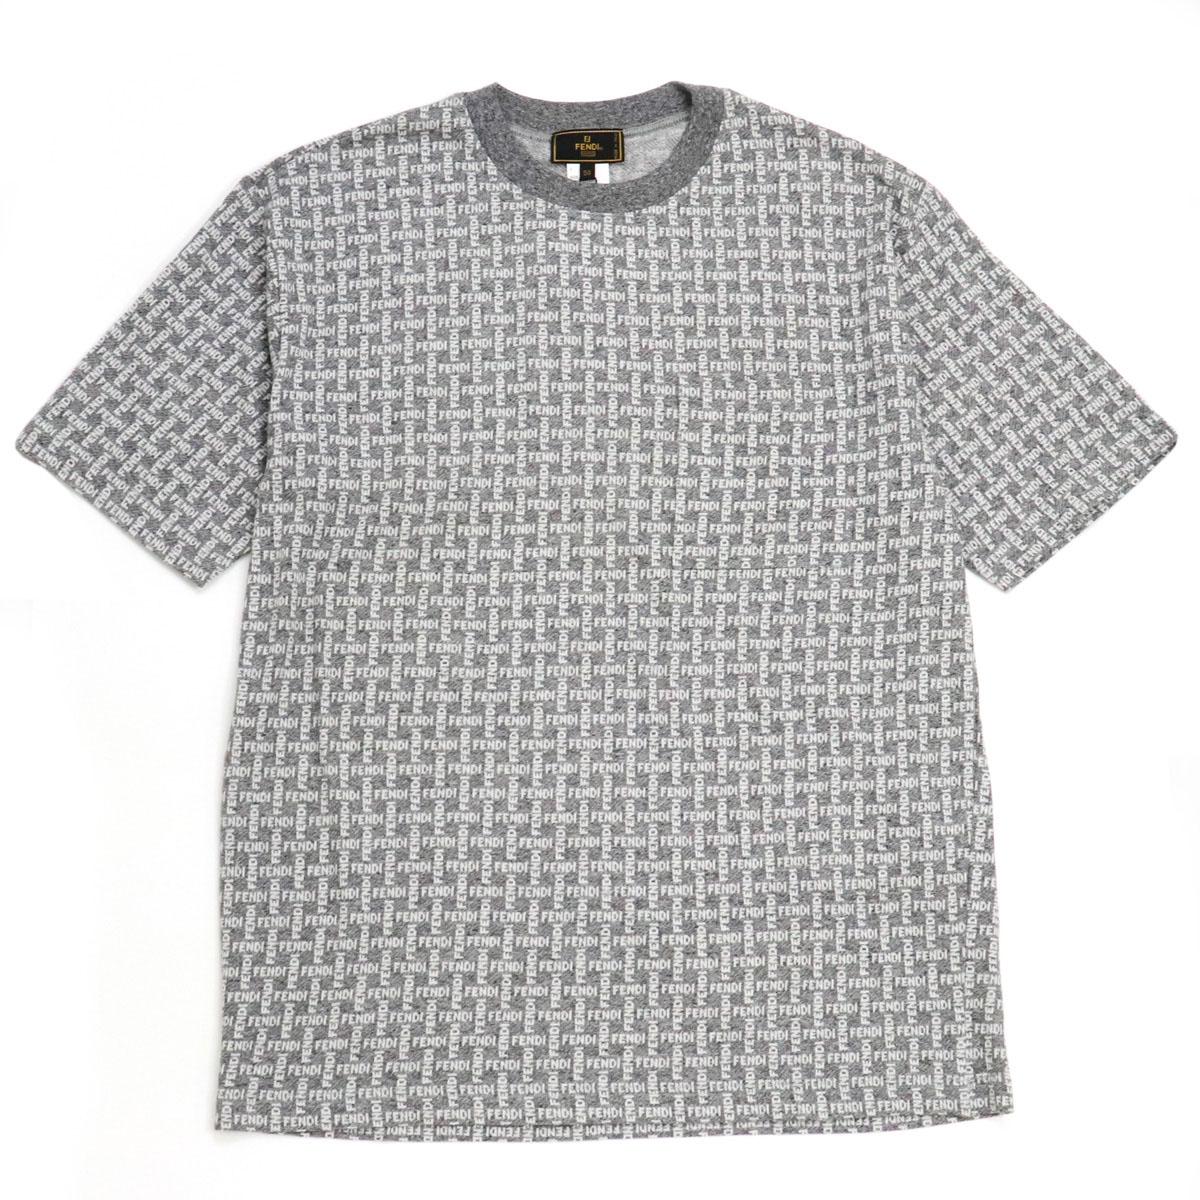 未使用品 アパレル FENDI フェンディ ロゴ 半袖 カットソー Tシャツ メンズ コットン100% 至上 オフホワイト #50 灰色 白 グレー 中古 人気の定番